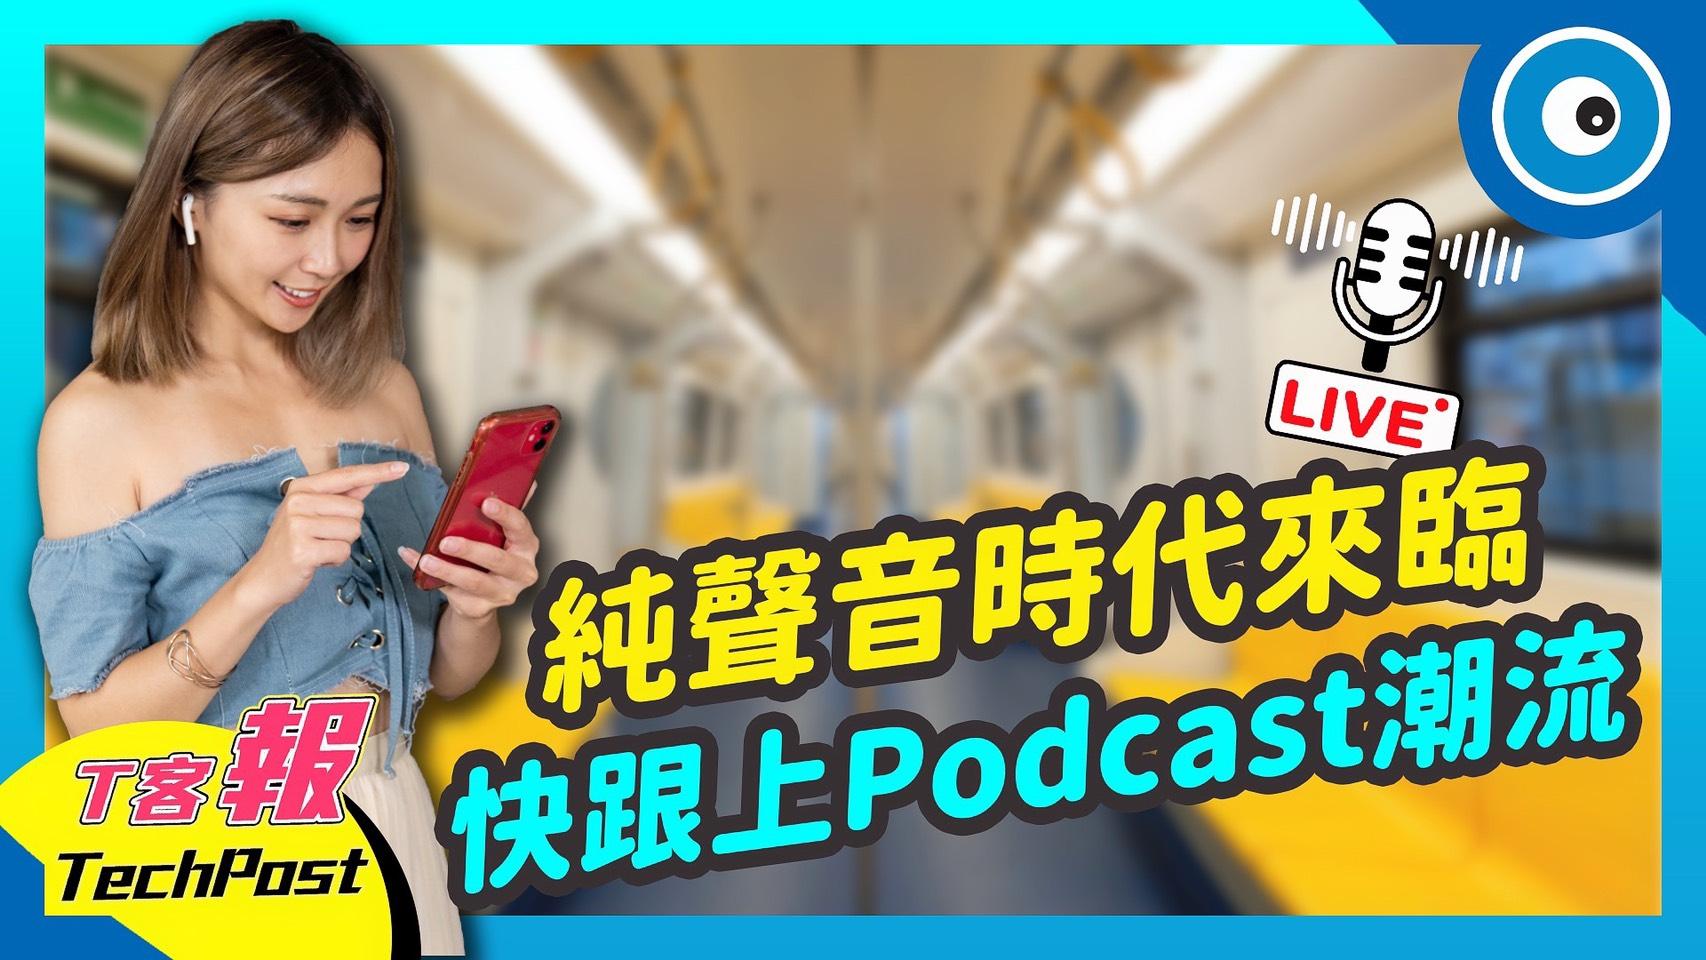 【T客報】Podcast 風潮來襲 各大收聽平台有什麼差異?又該怎麼選?